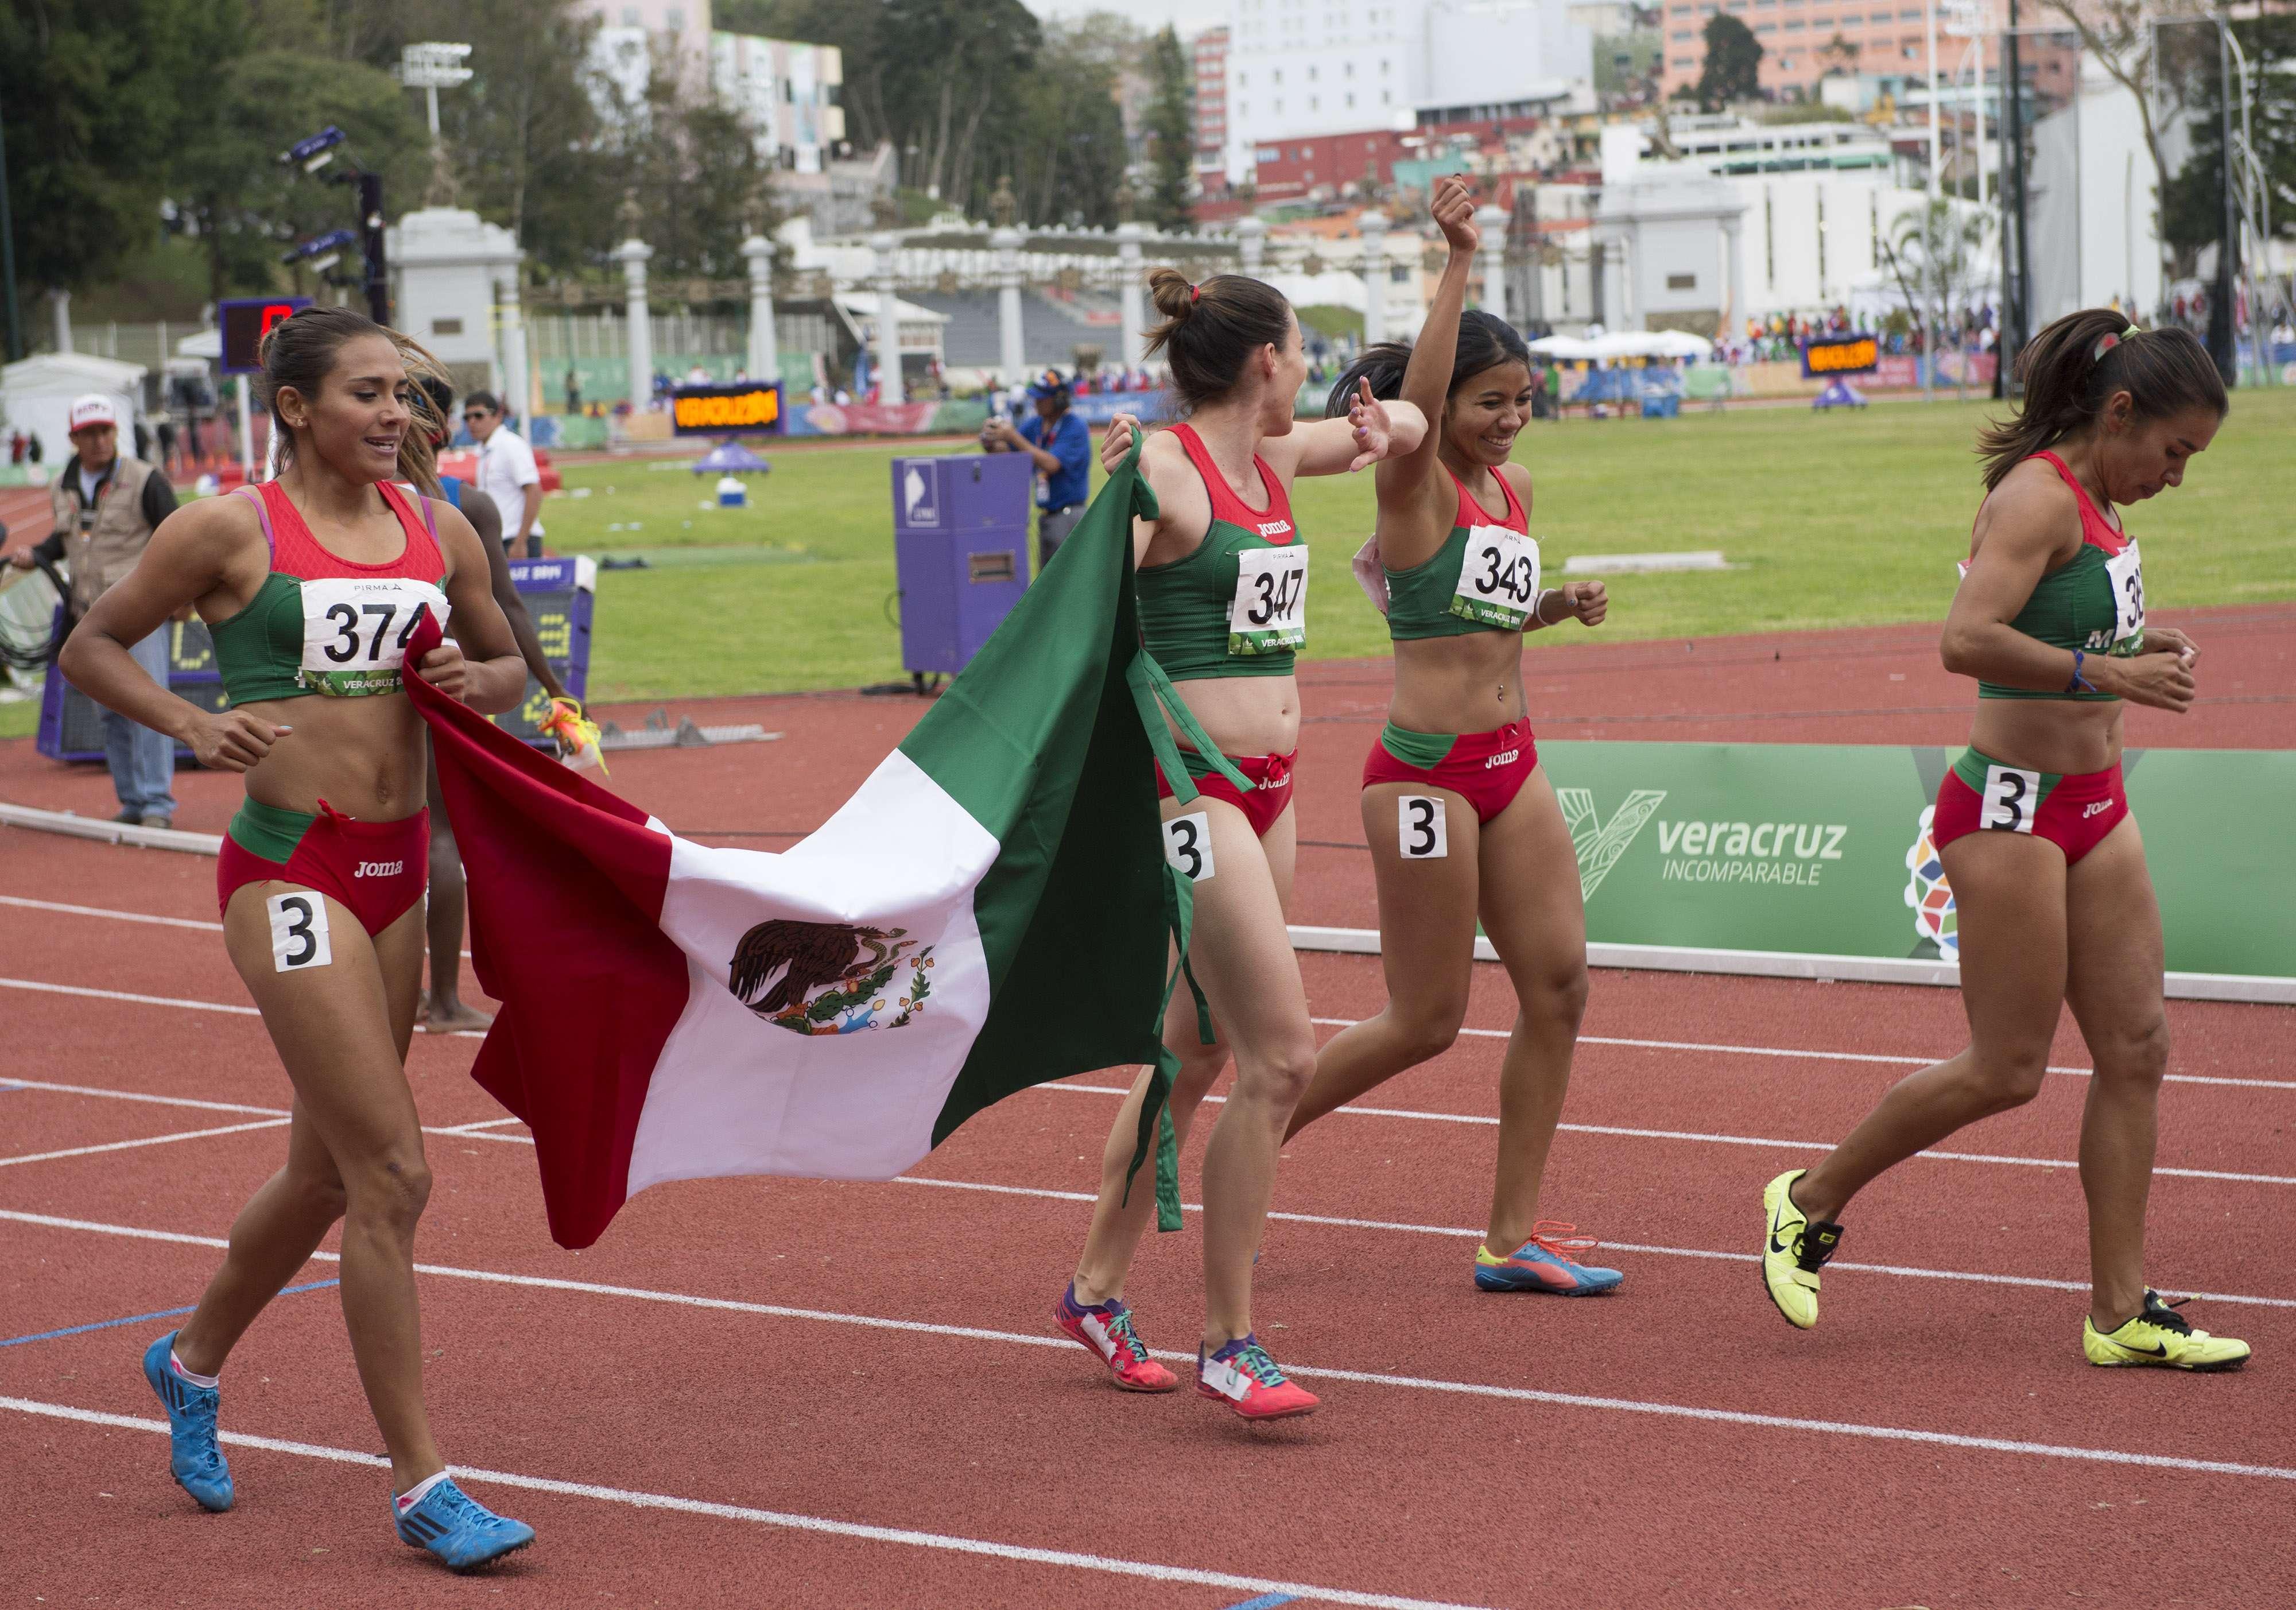 Las mexicanas celebran con la bandera nacional. Foto: Mexsport